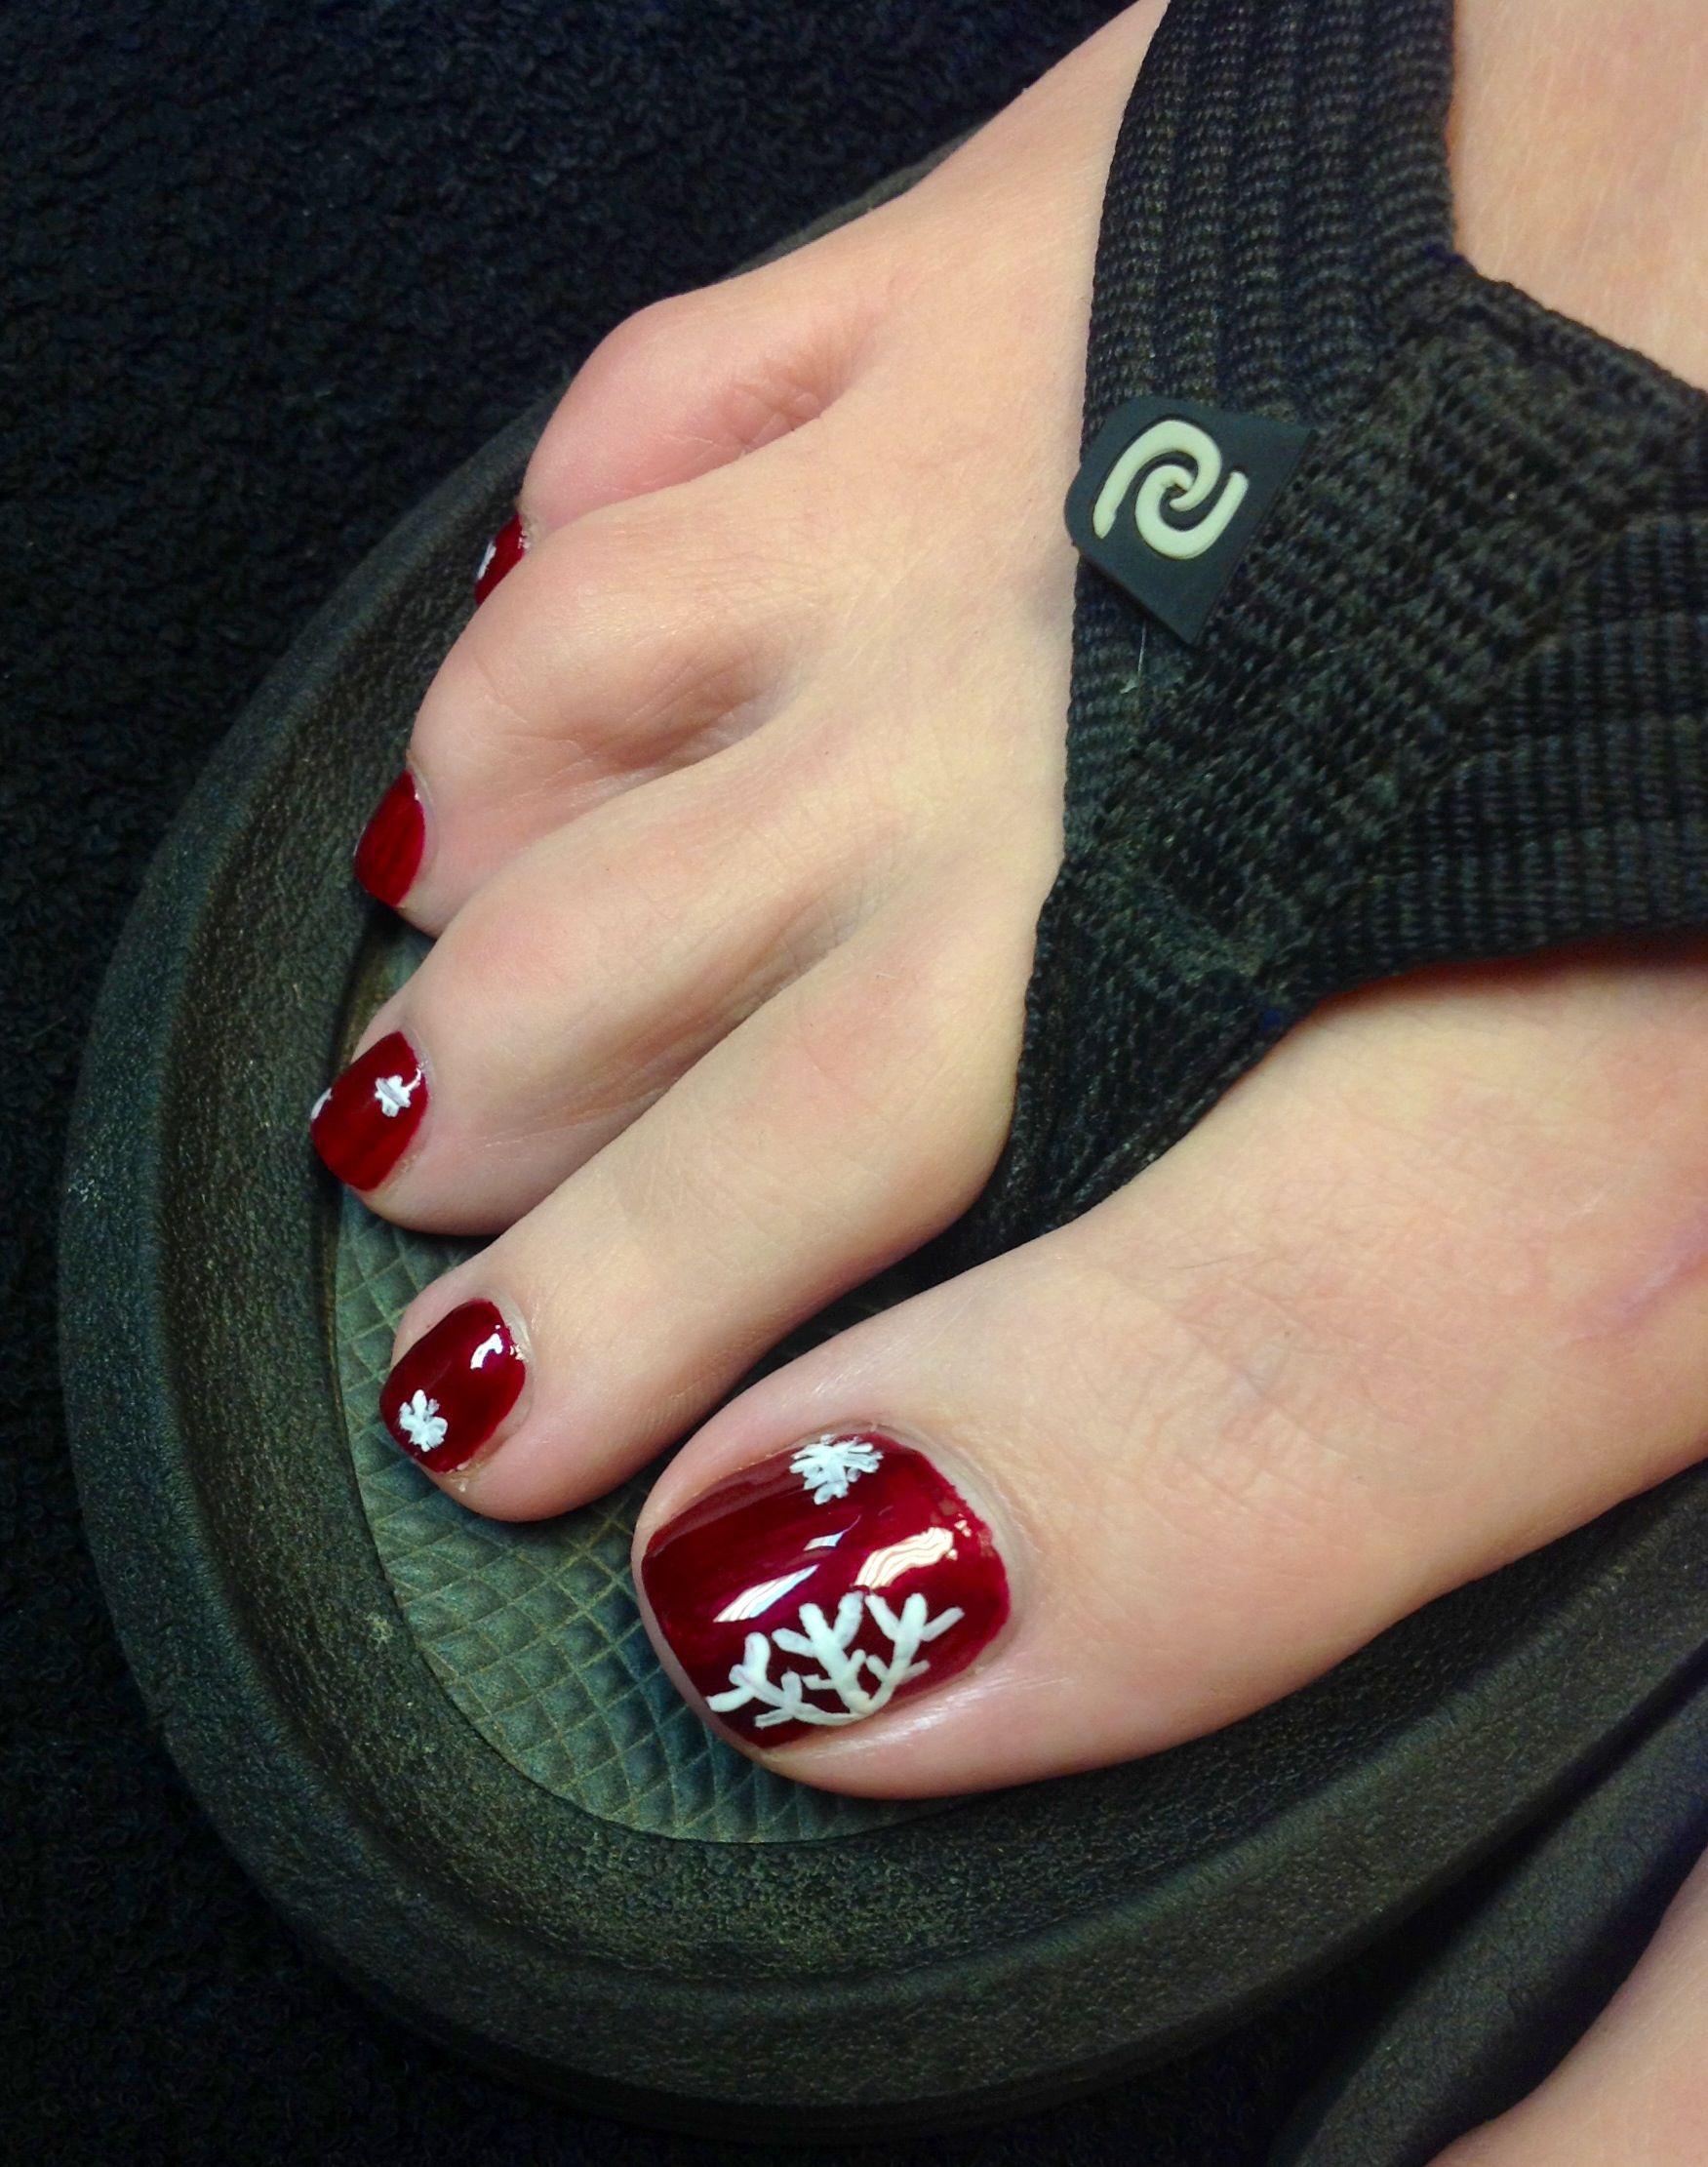 Snowflake Toe Nails Painted Toe Nails Toe Nails Pedicure Designs